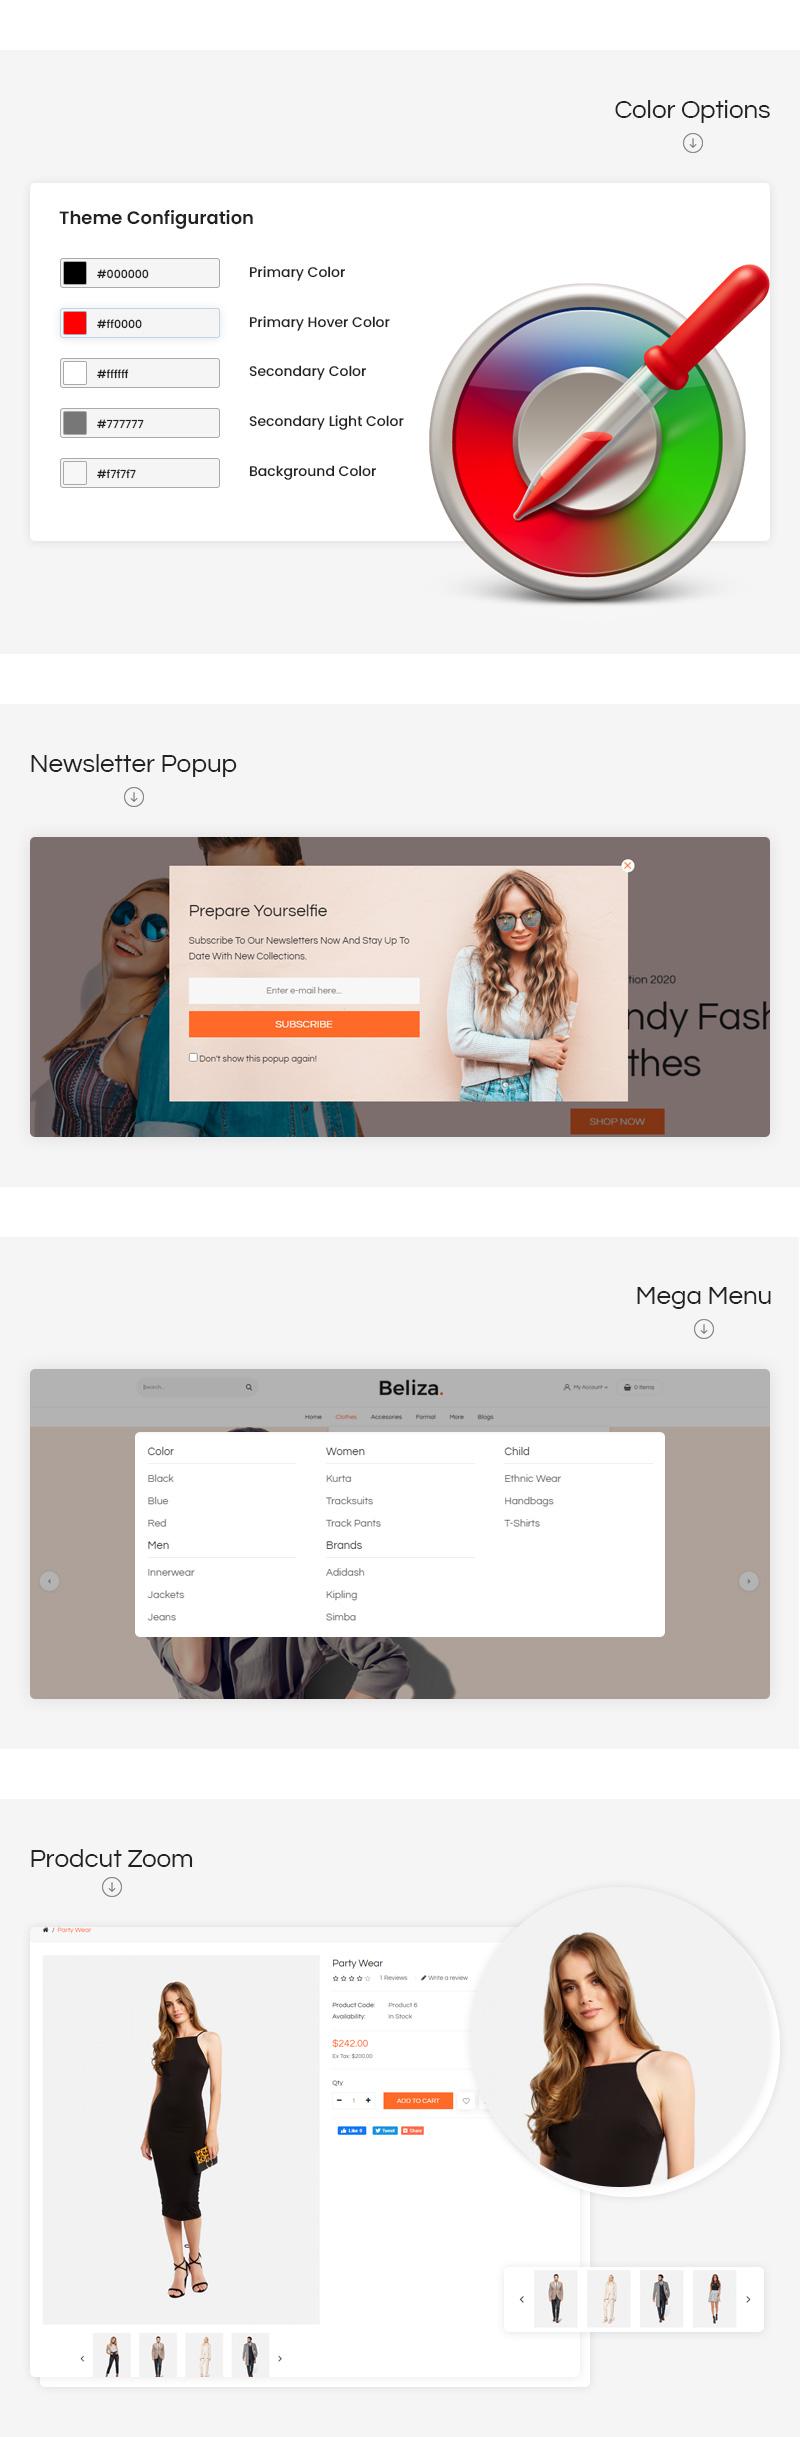 beliza-features-3.jpg